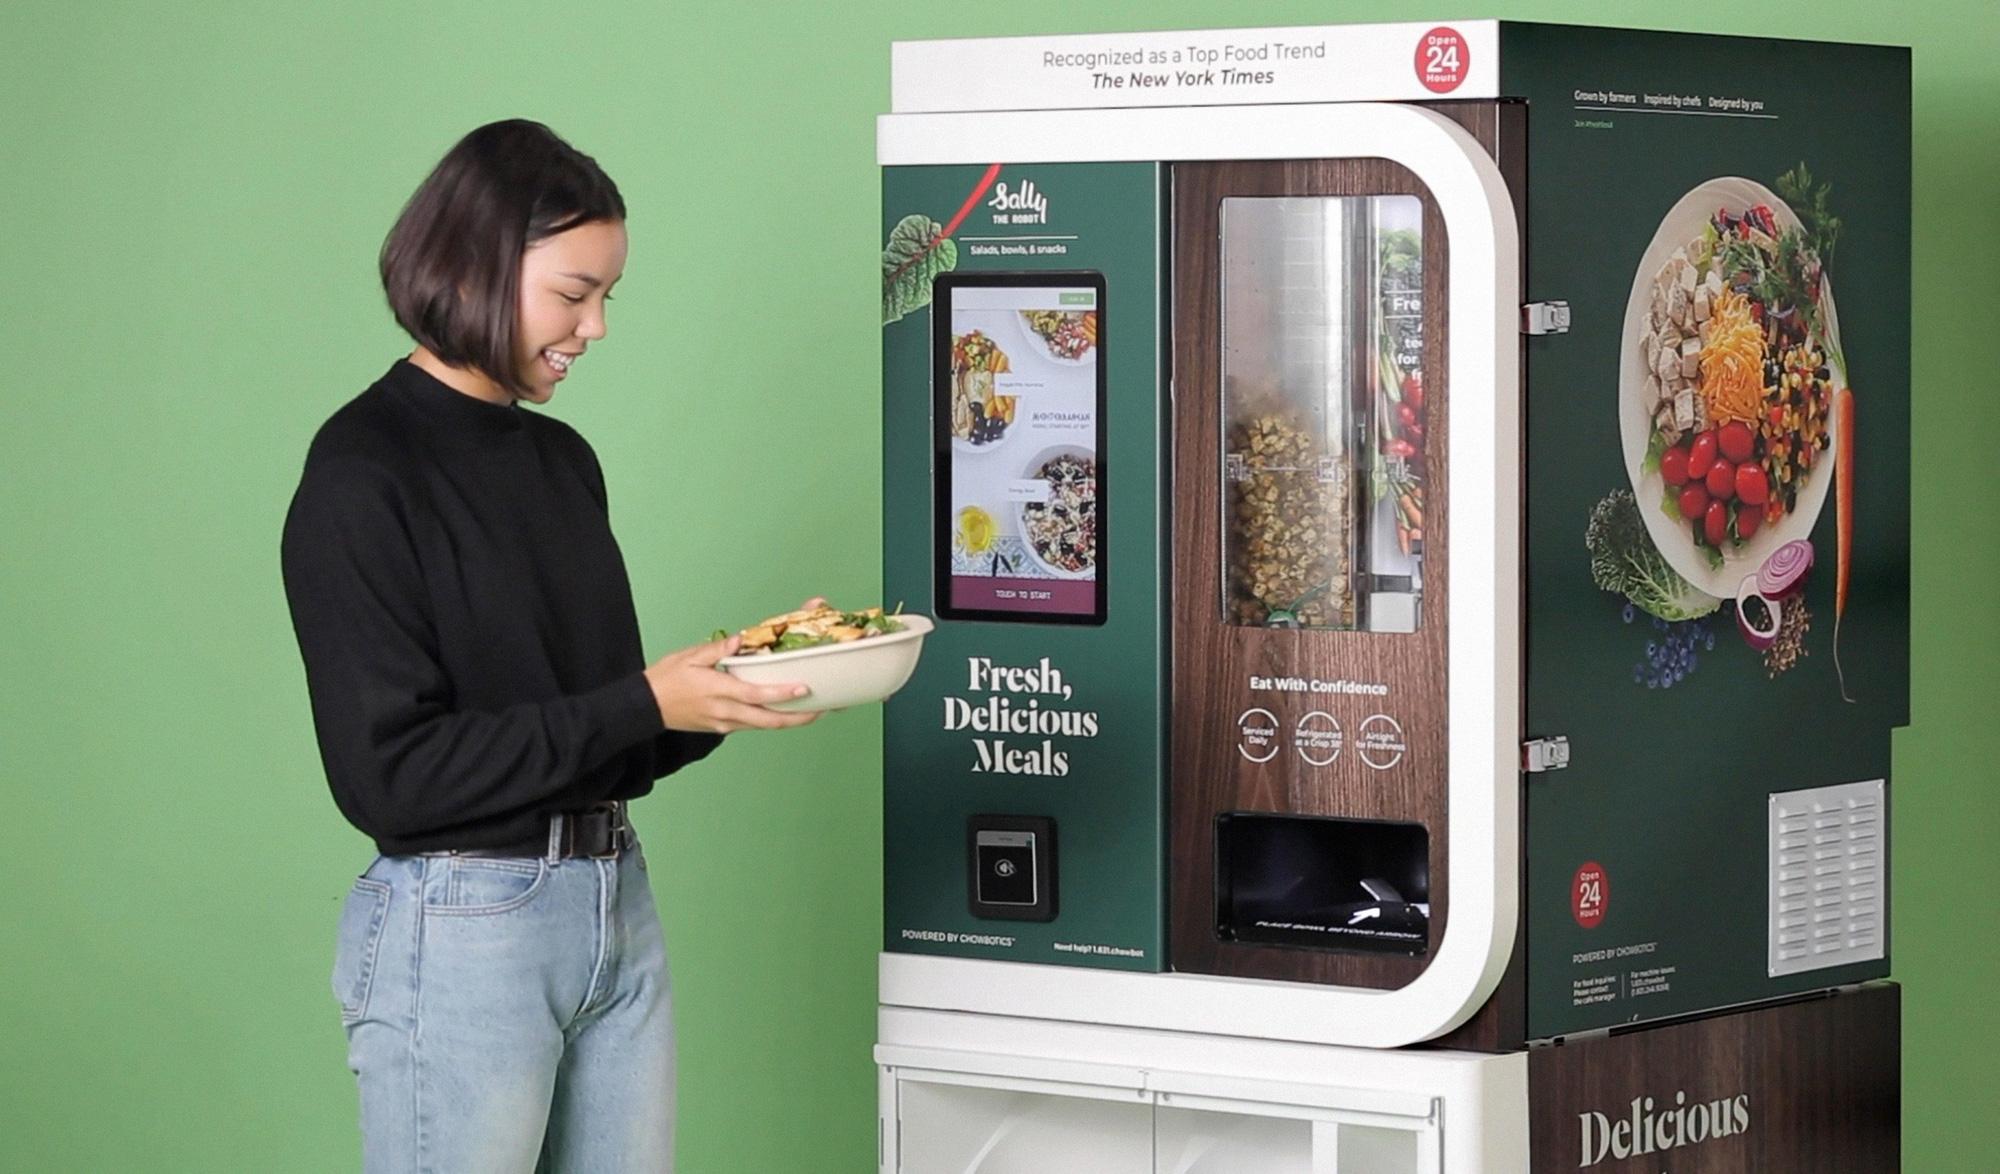 Máy chế biến bữa ăn ngon, bổ, rẻ chỉ sau... 1 phút, đầu bếp chuyên nghiệp cũng phải chào thua - Ảnh 11.